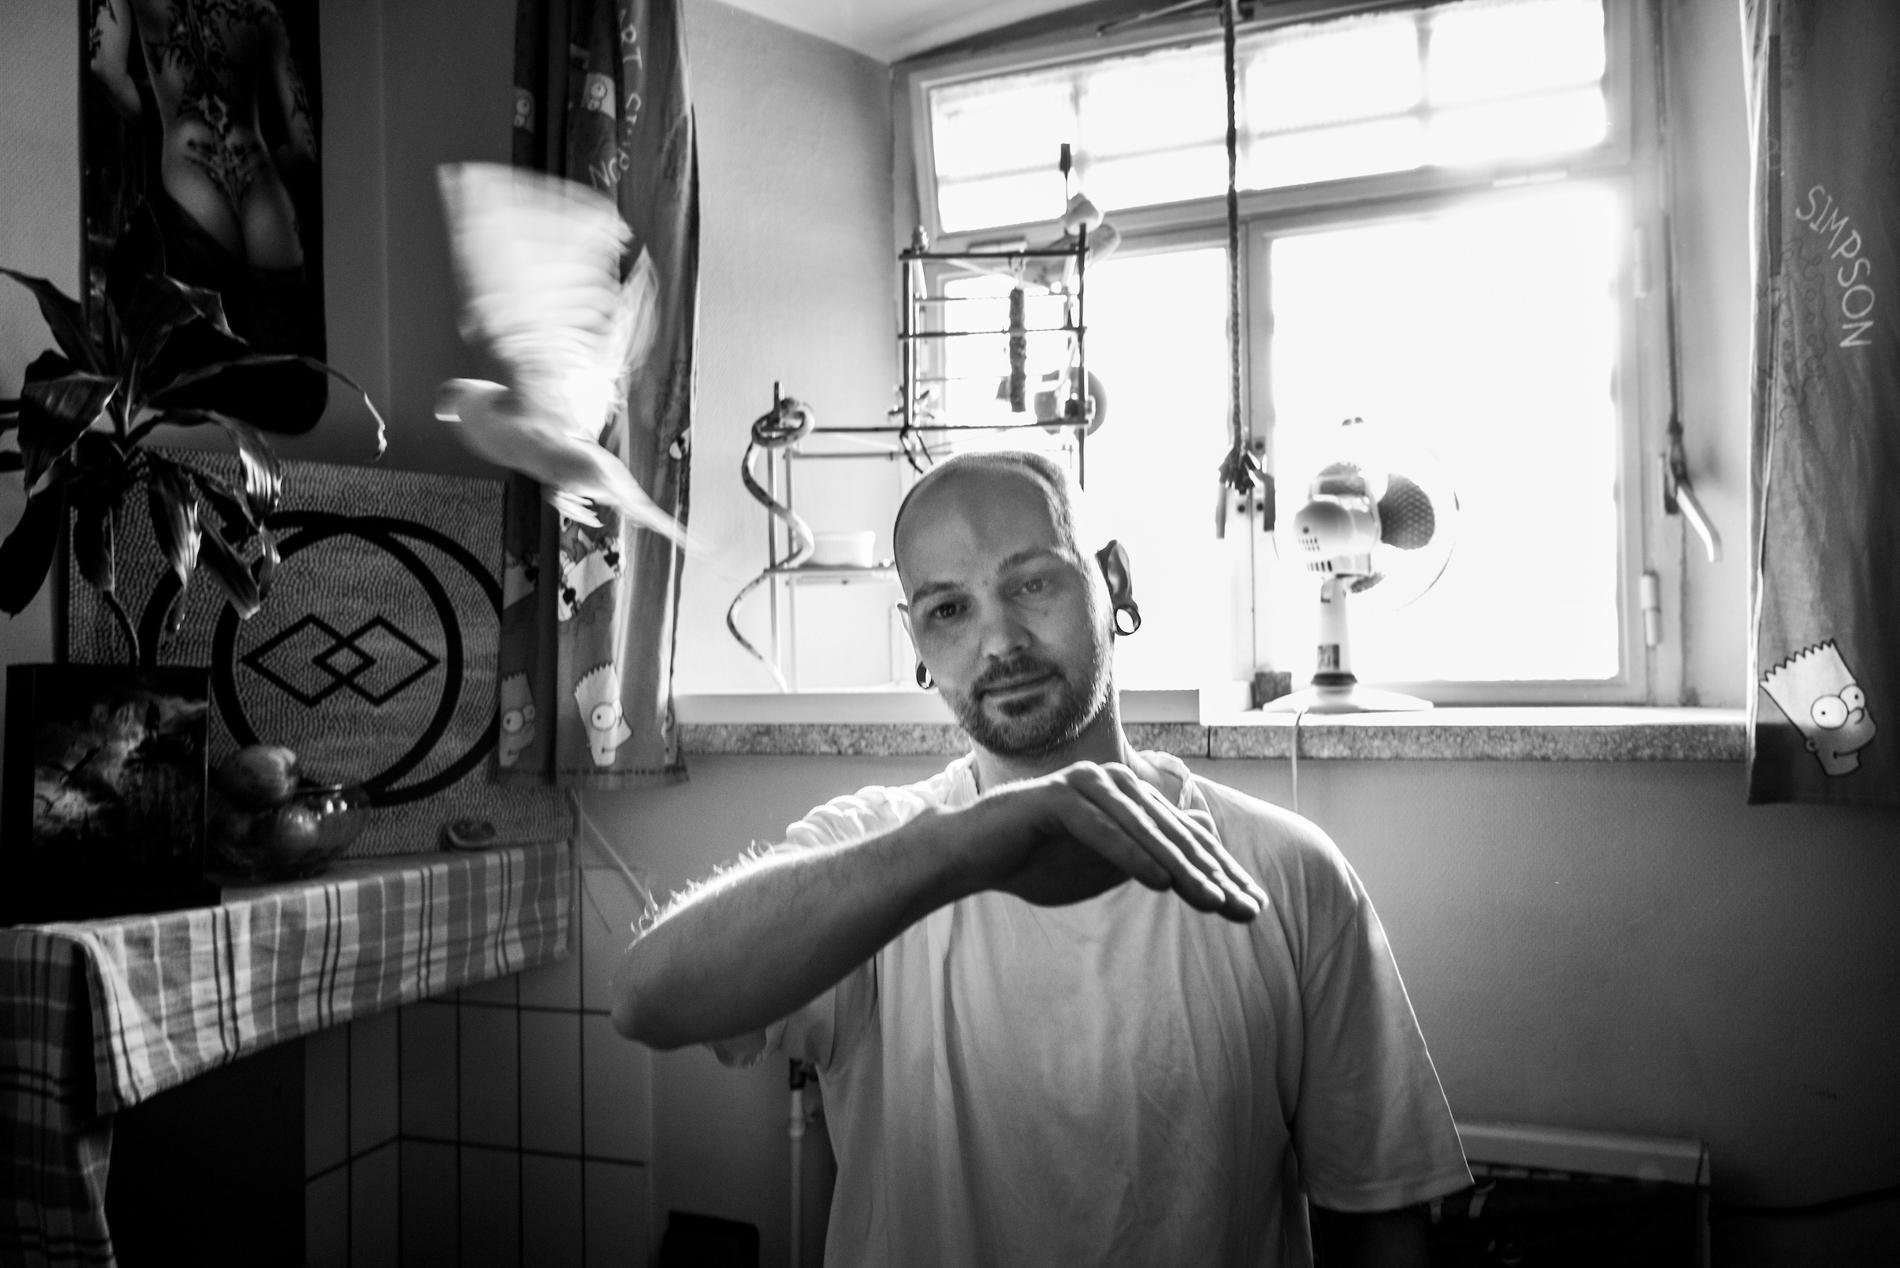 A long term detainee inside the prison of Audenaarde., Belgium 2015.